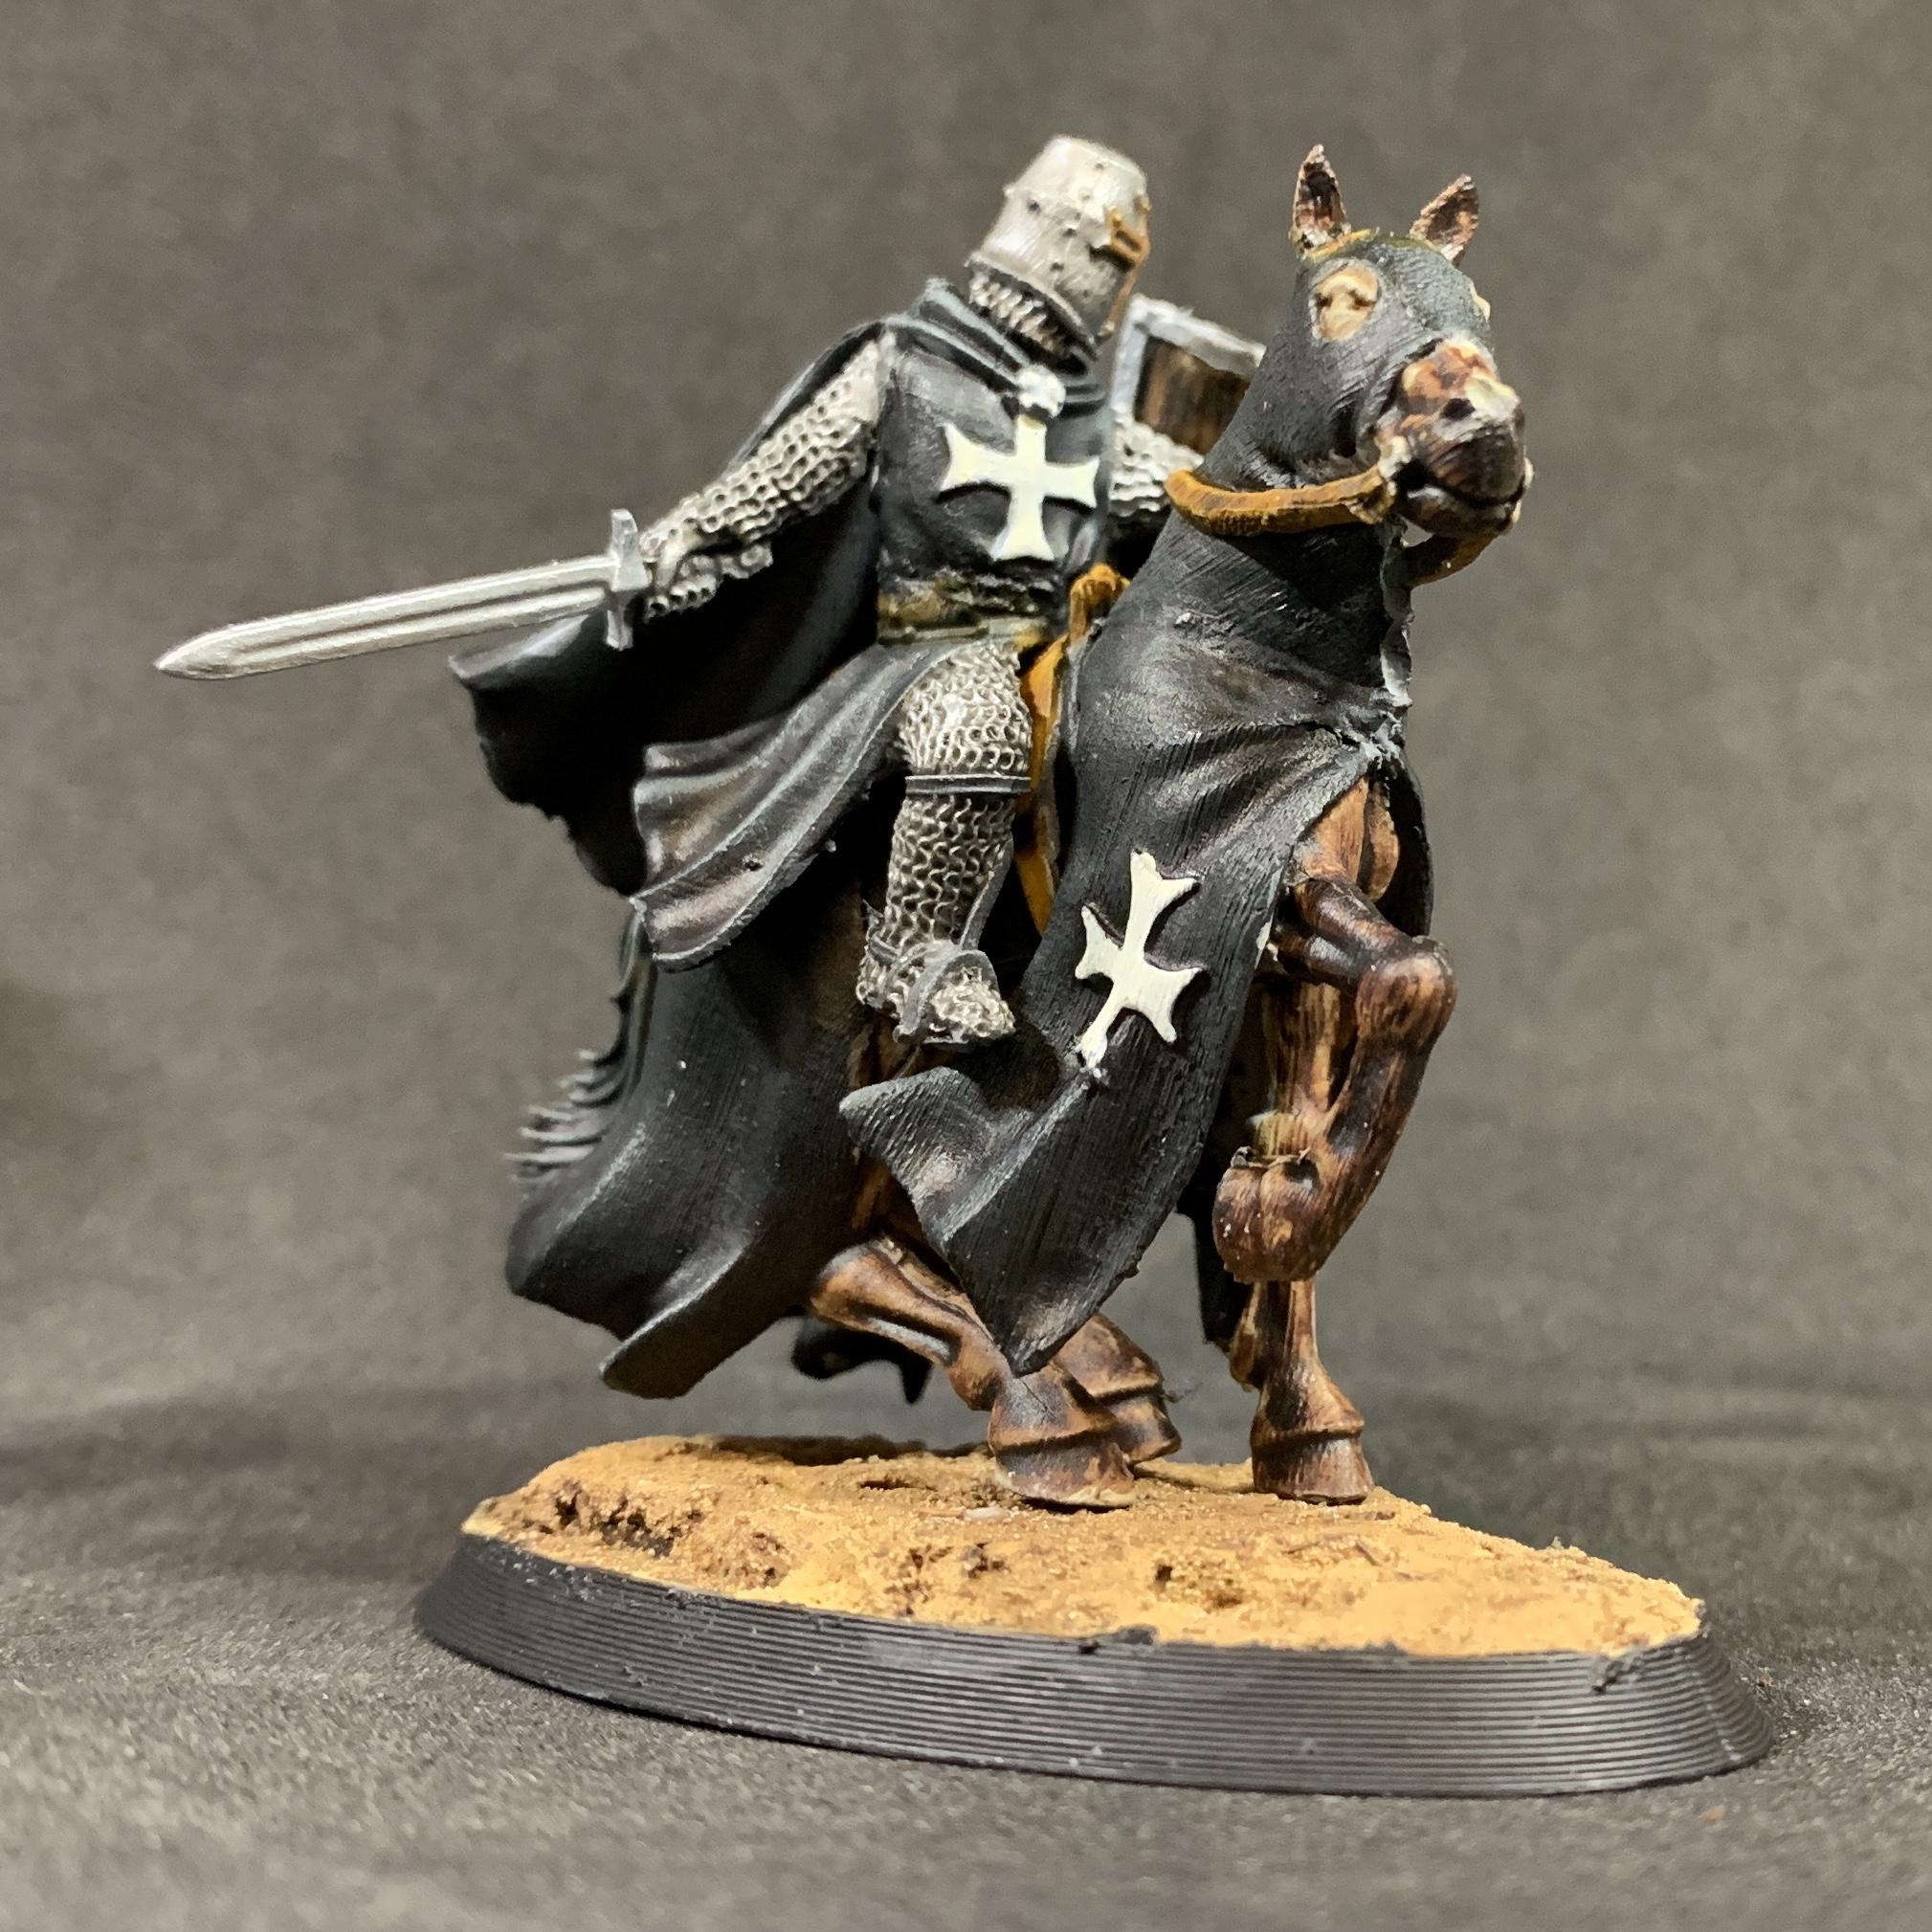 Milites Christi Warlord. Credit: Pvt_Snafu